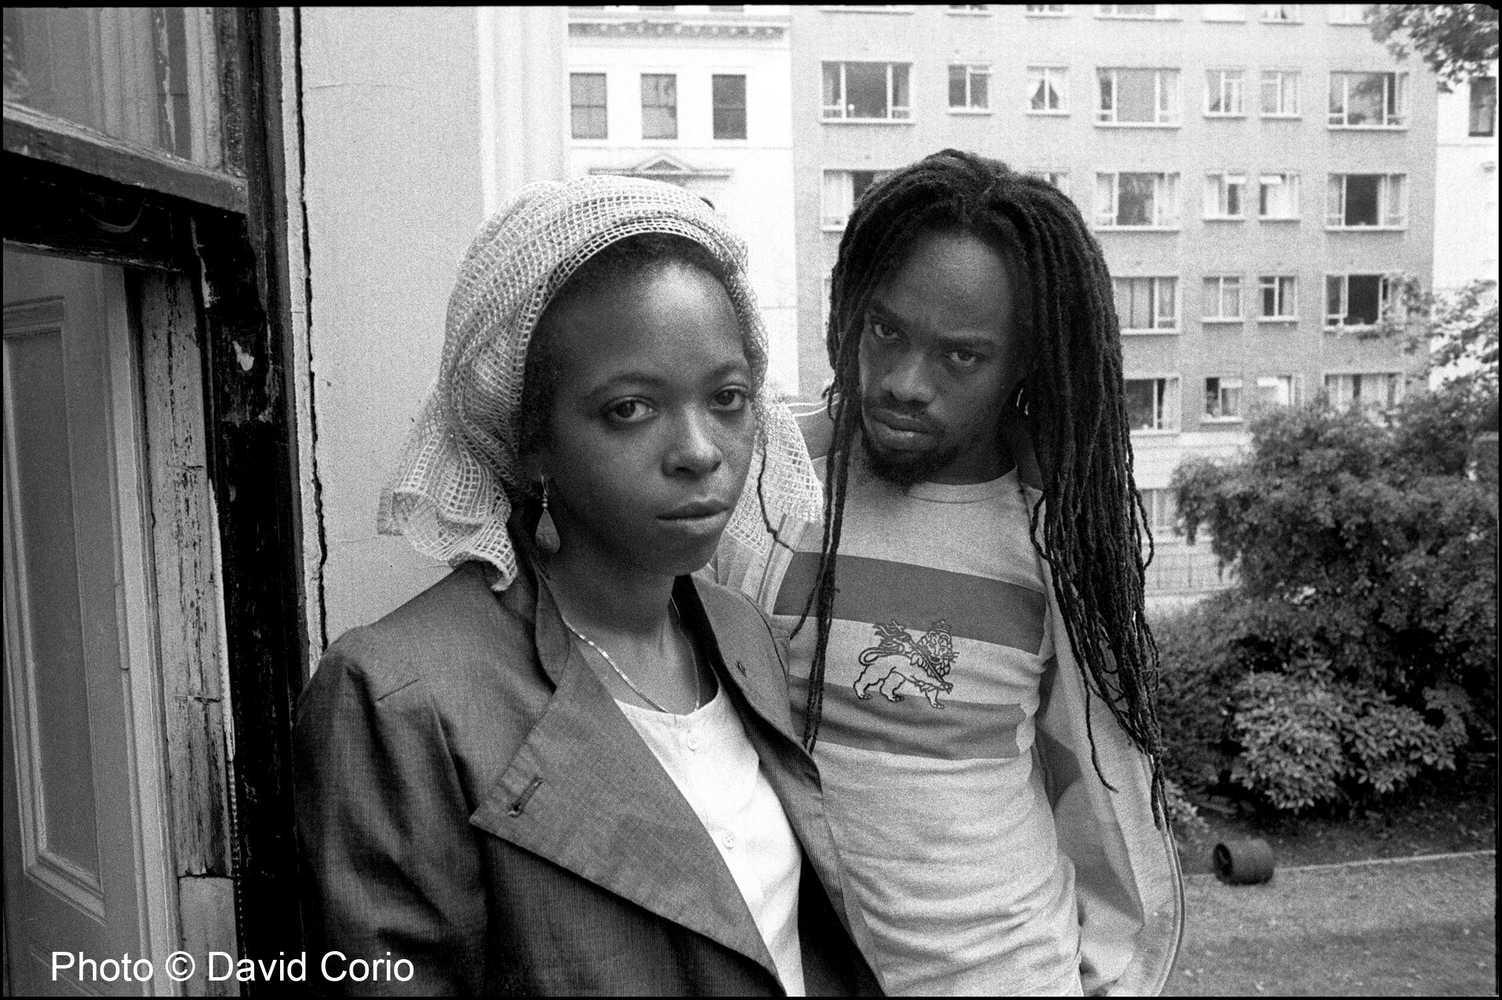 Puma Jones and Michael Rose of Black Uhuru in Kensington, London UK July 9 1984 by David Corio